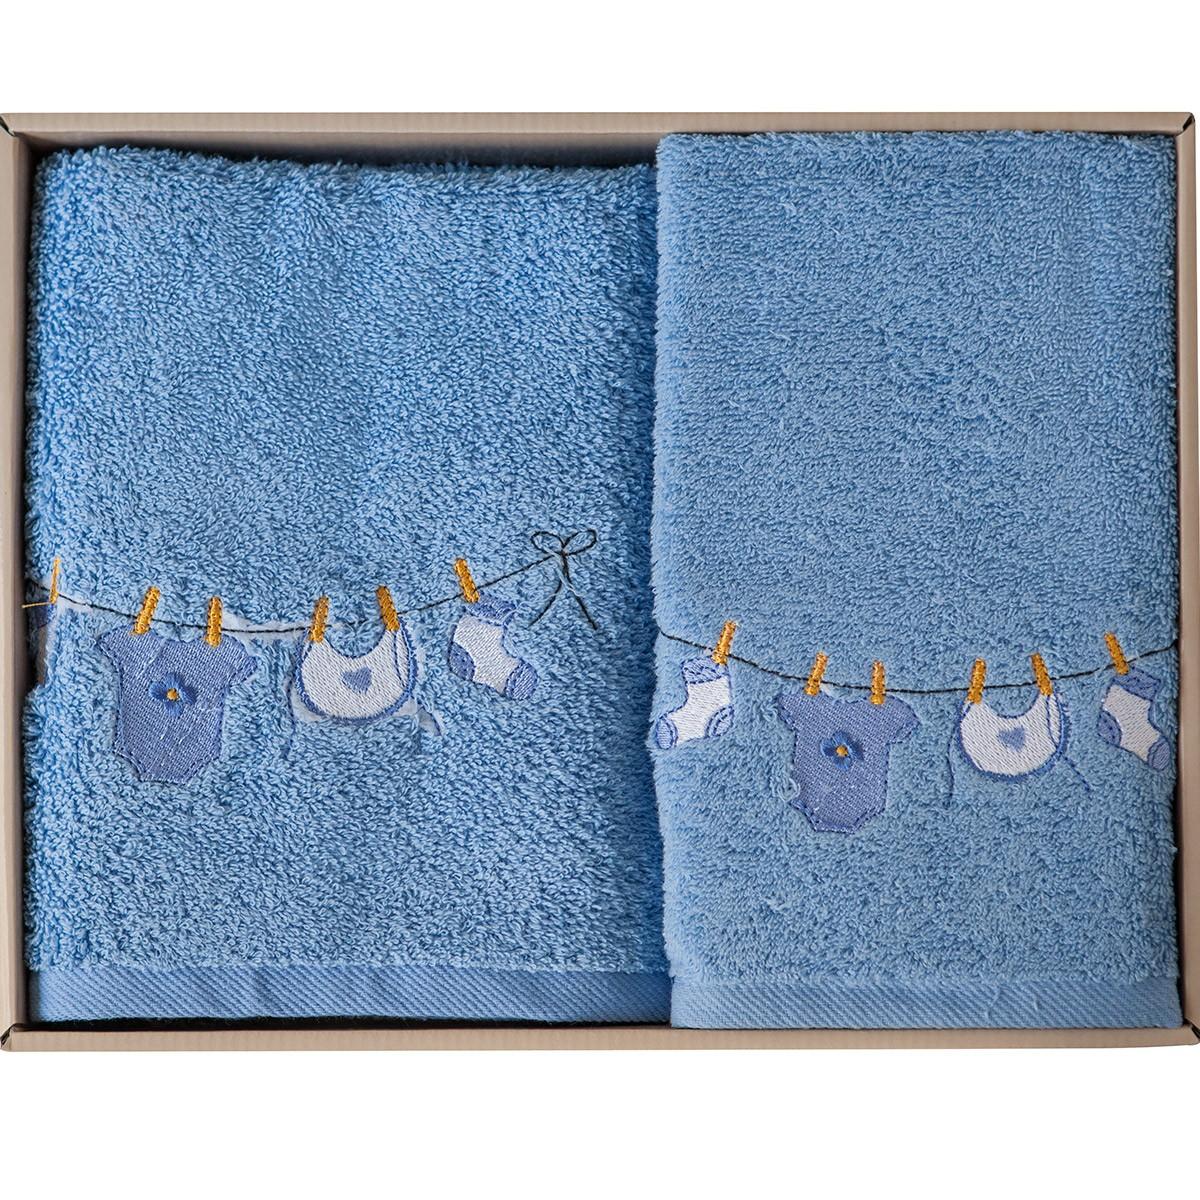 Βρεφικές Πετσέτες (Σετ 2τμχ) Melinen Clothes Blue X Blue home   βρεφικά   πετσέτες βρεφικές